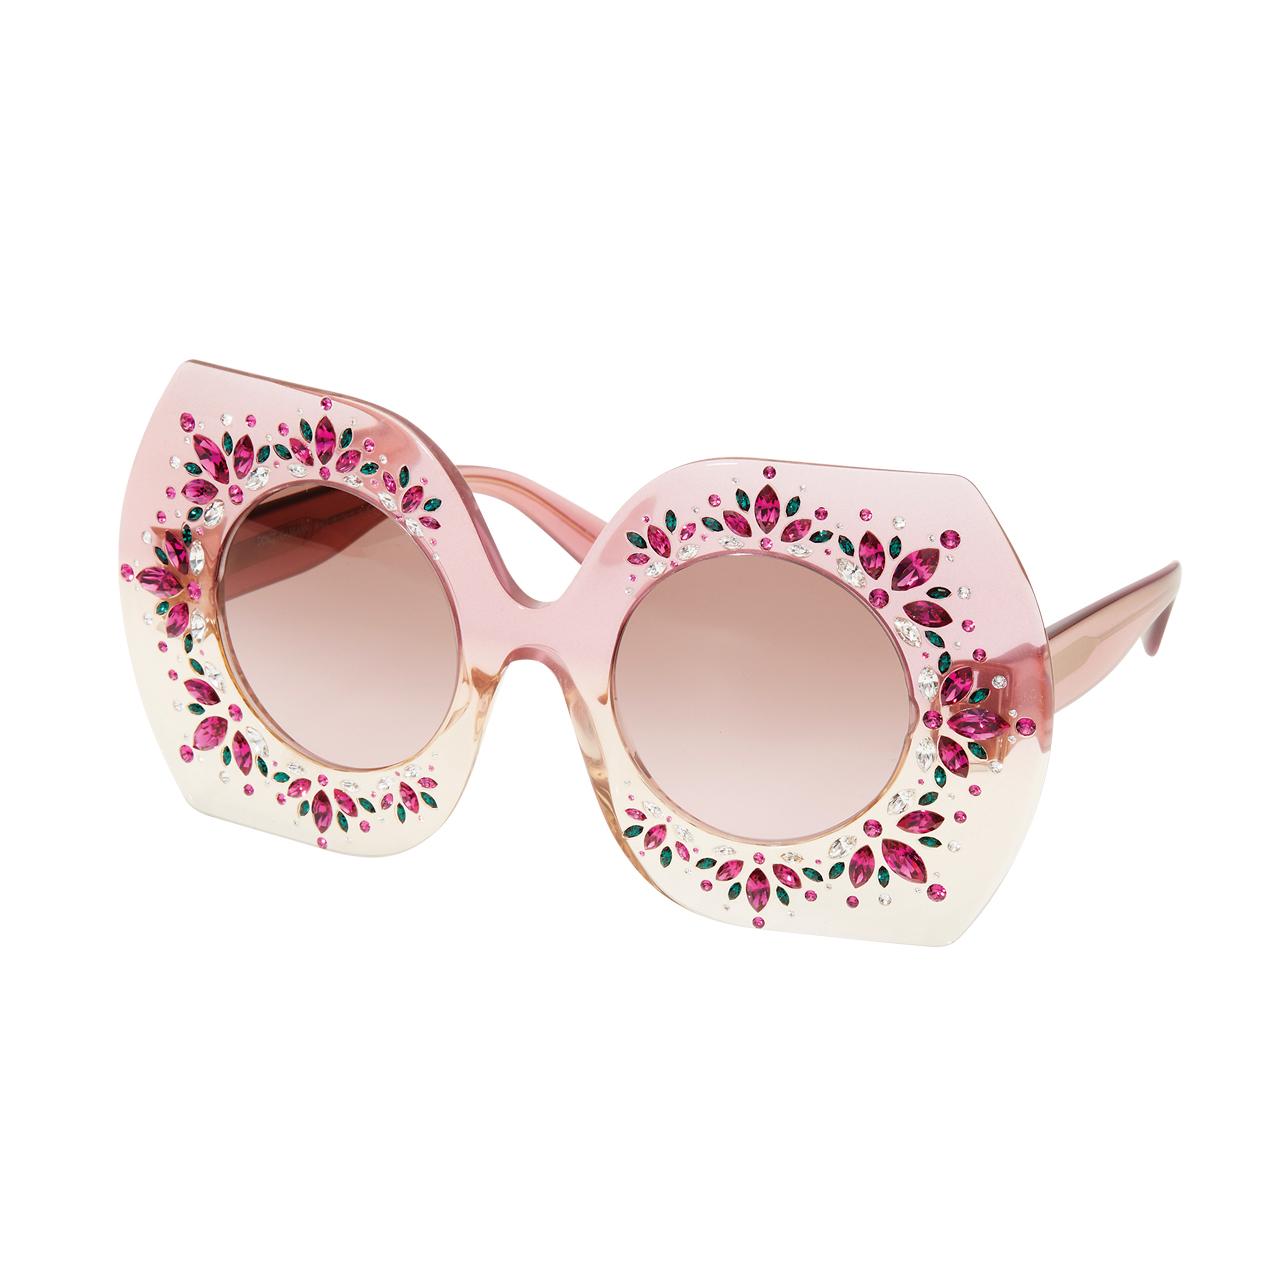 크리스털이 세팅된 오버사이즈 선글라스는 40만원대로 Dolce & Gabbana by Luxottica Korea